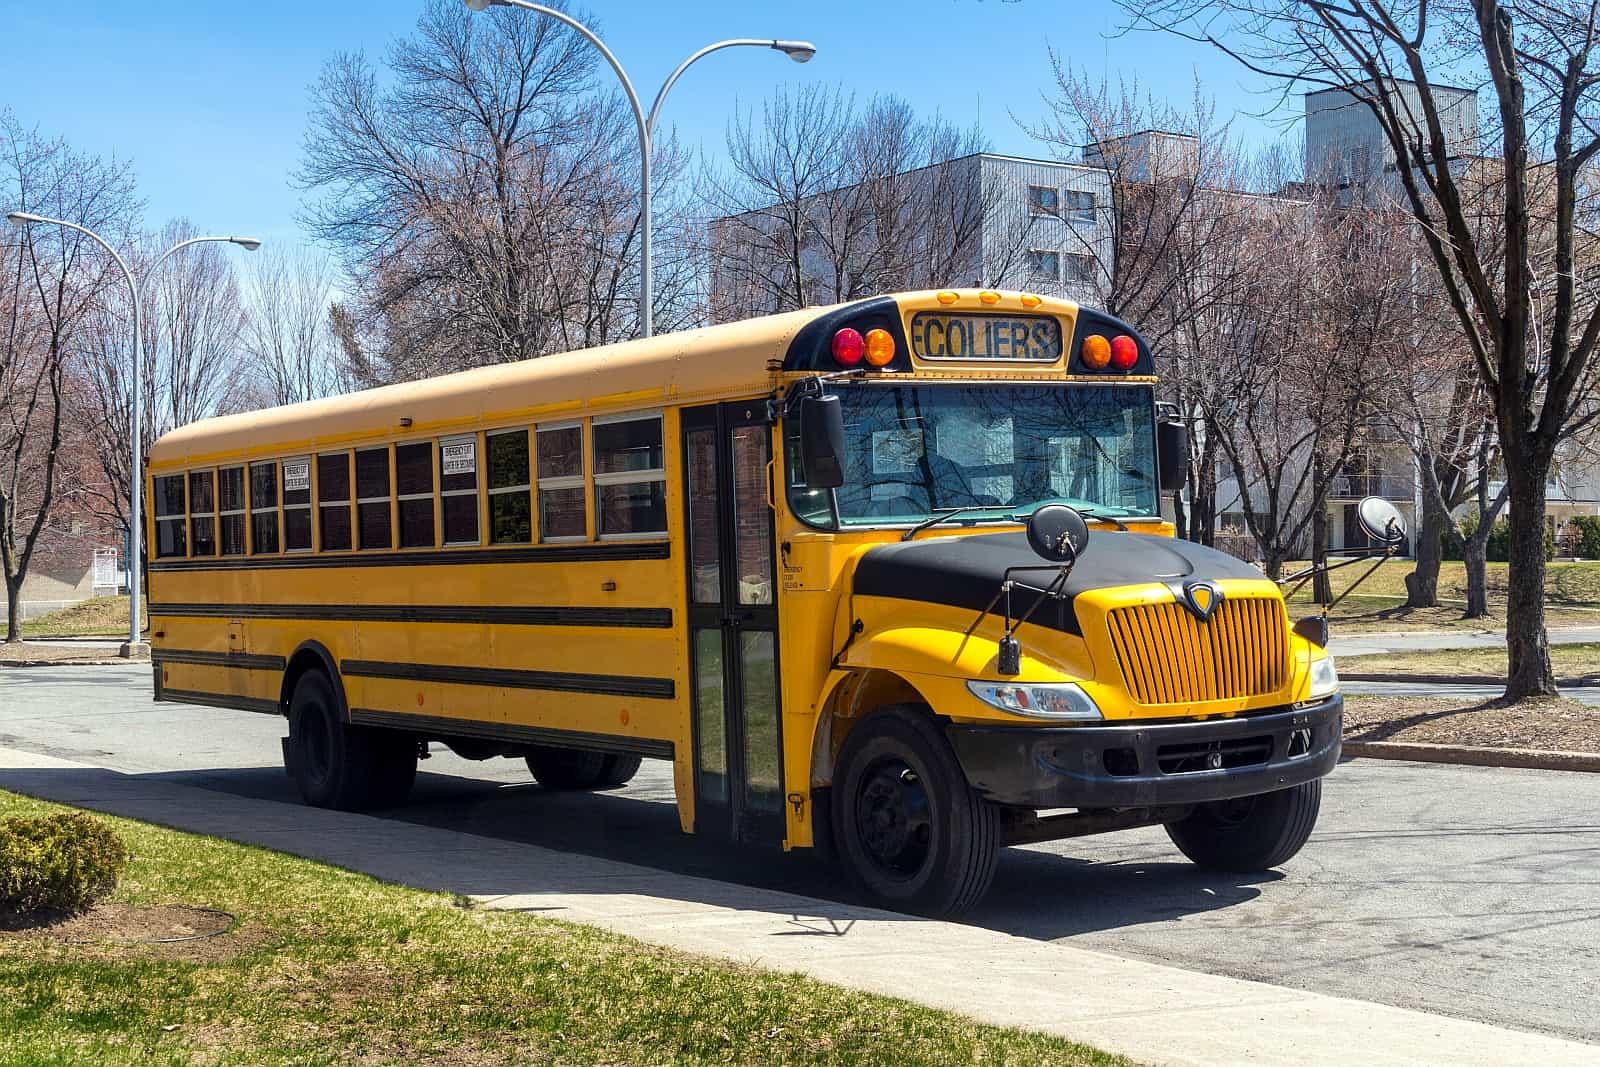 Größte Aufmerksamkeit bei Schulbussen an Haltestellen und innerhalb von Schulzonen. Sonst kann es schnell sehr unangenehm und sehr teuer werden.